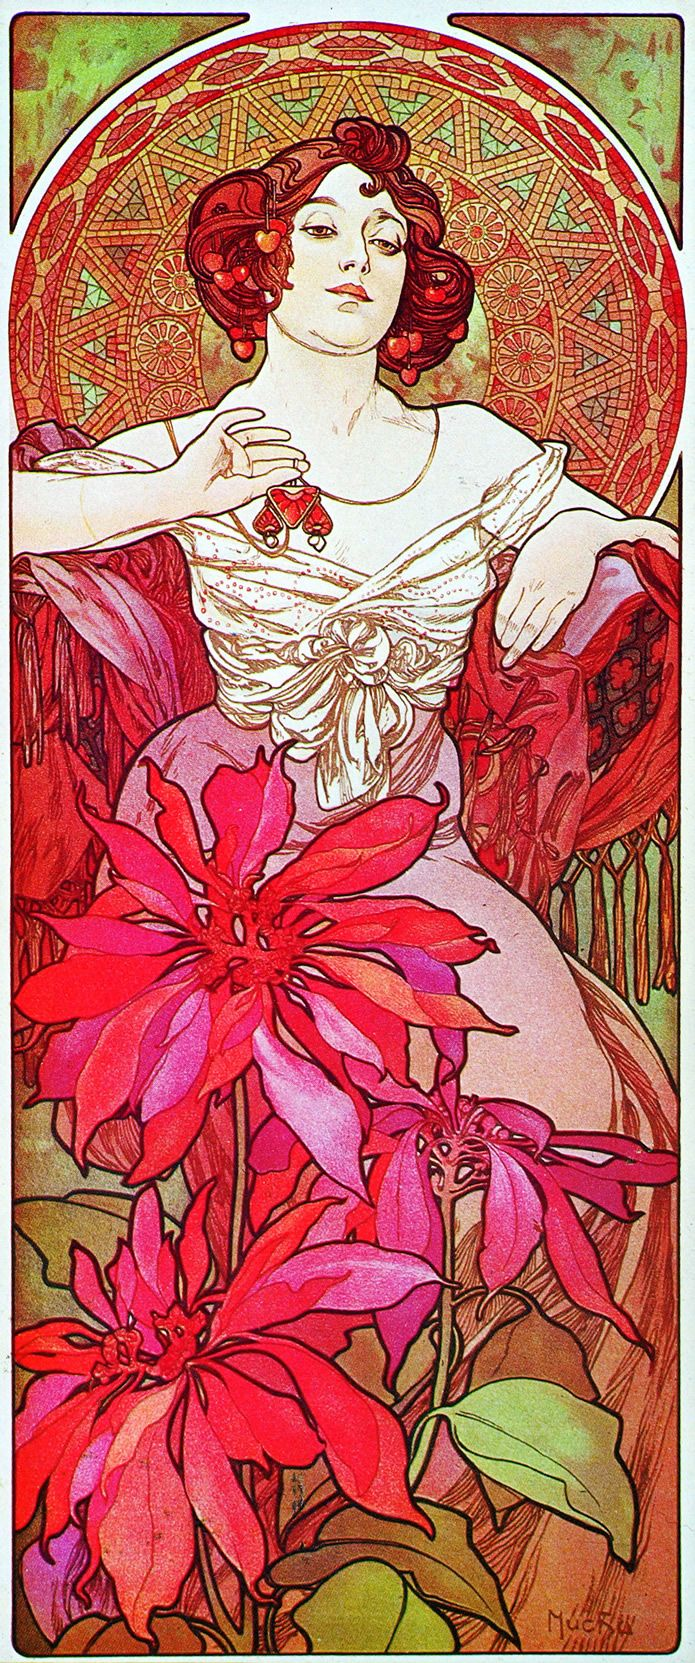 Alphonse Mucha. 1900 Le Rubis. Les Pierre's Précieuses